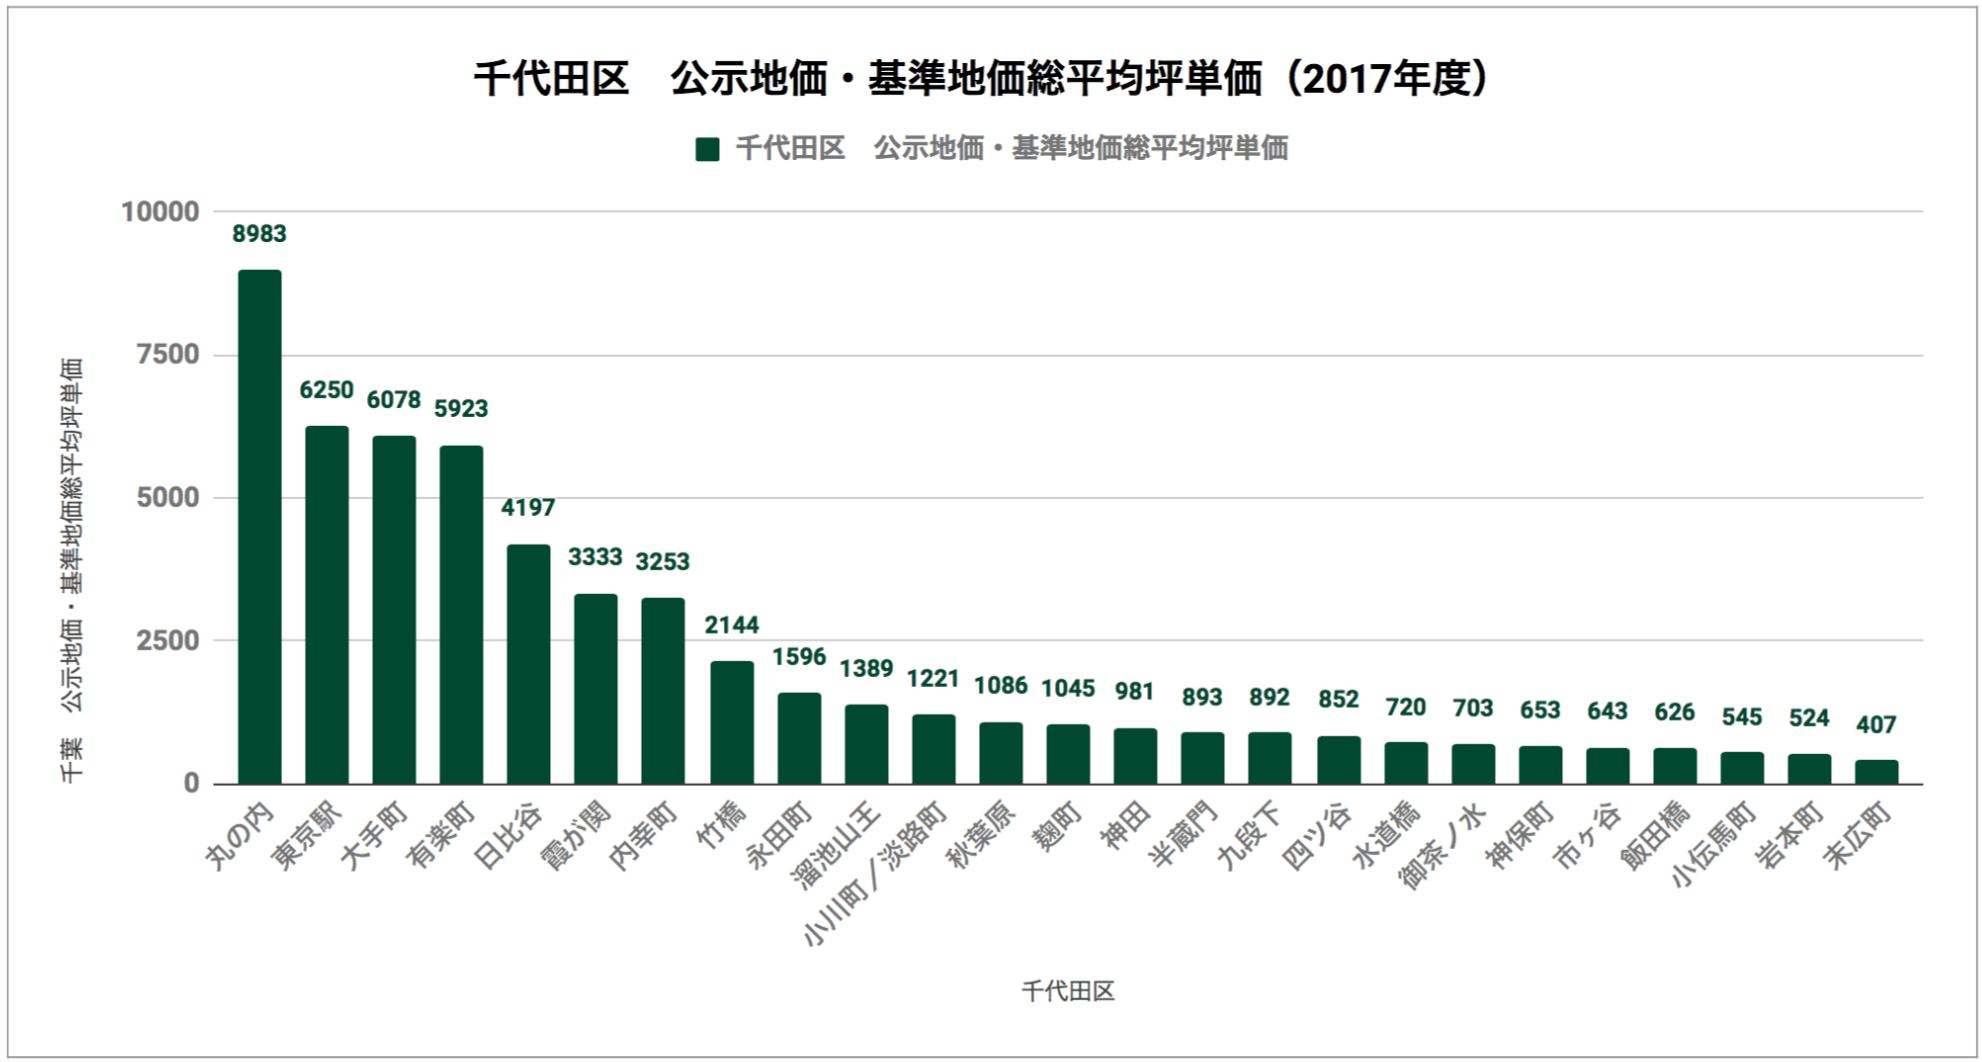 千代田区「公示地価・基準地価総平均坪単価(2017年度)」